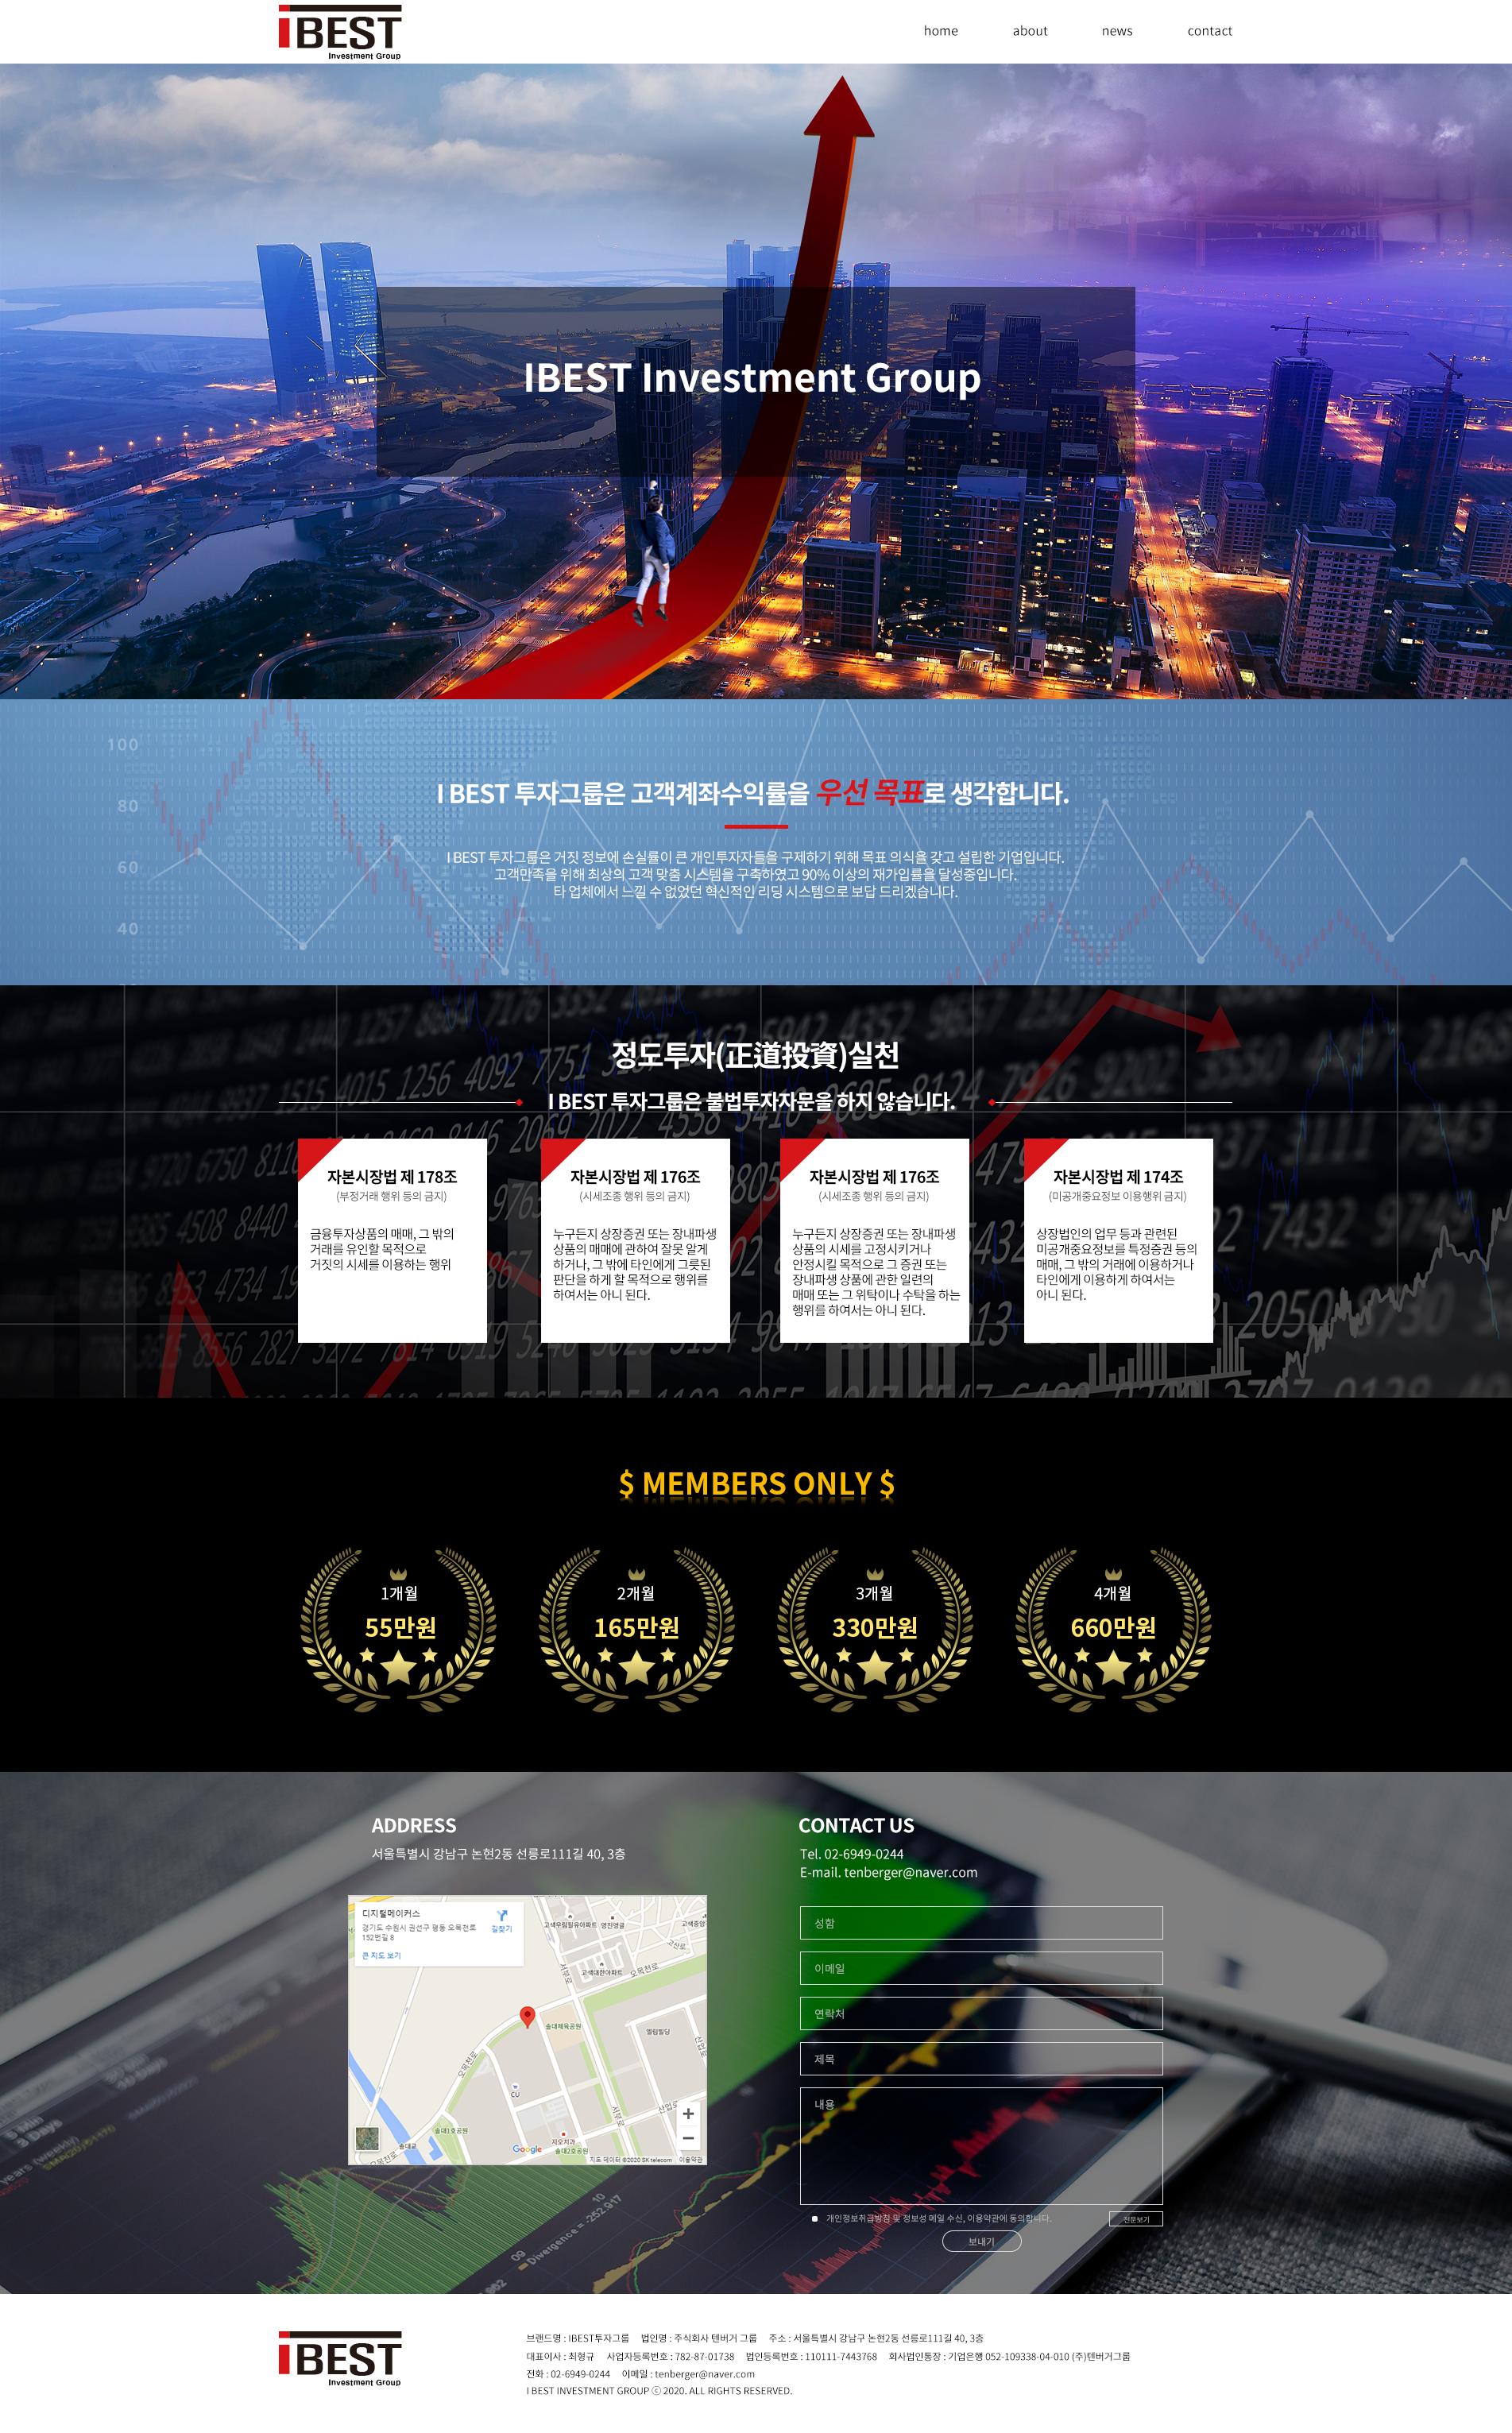 [반응형 회사홈페이지] 금융투자 전문기업 IBST투자그룹